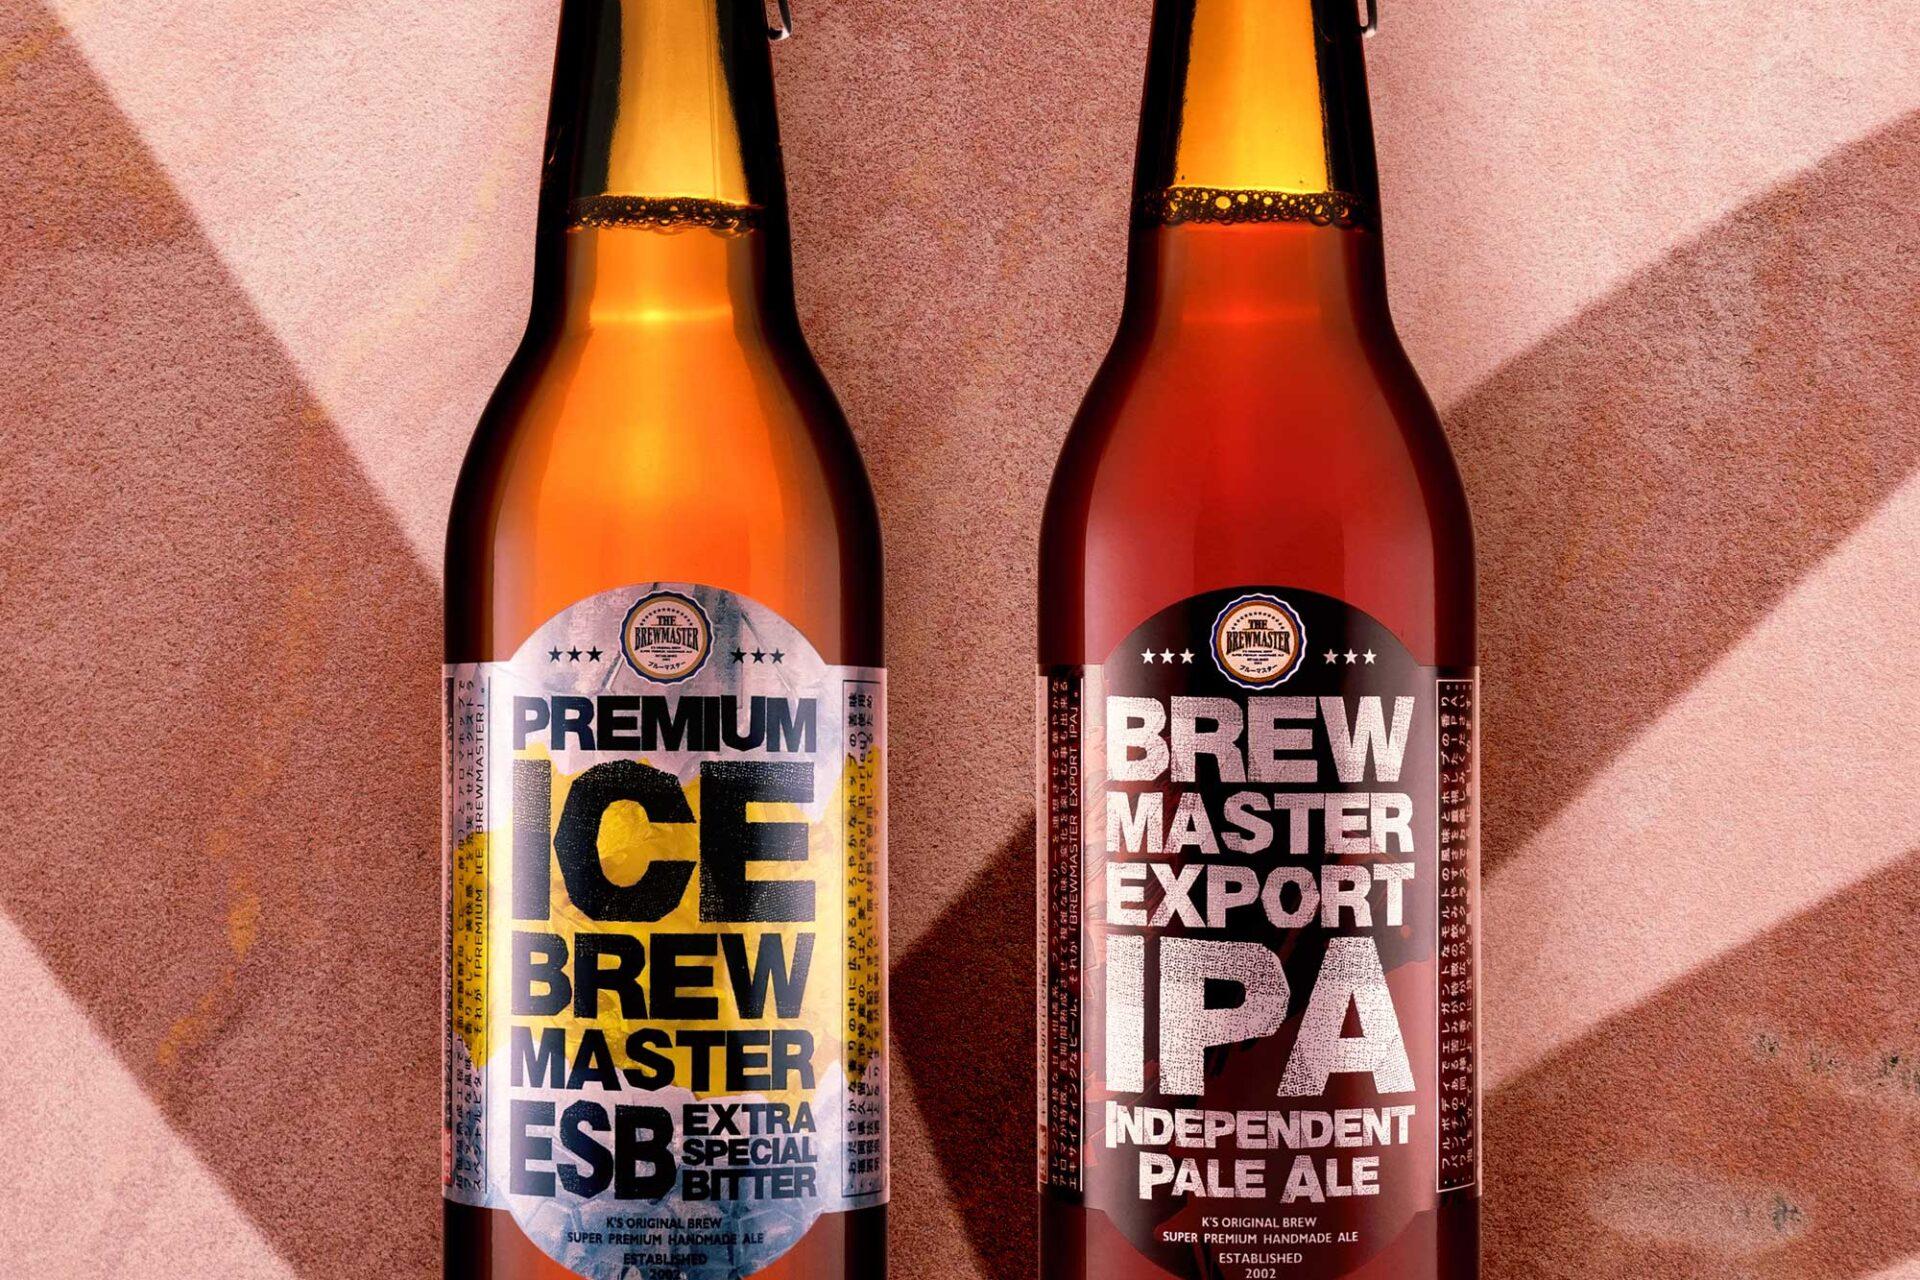 ラベルをデザインしたブルーマスタークラフトビール2種類のボトルが並んだ写真